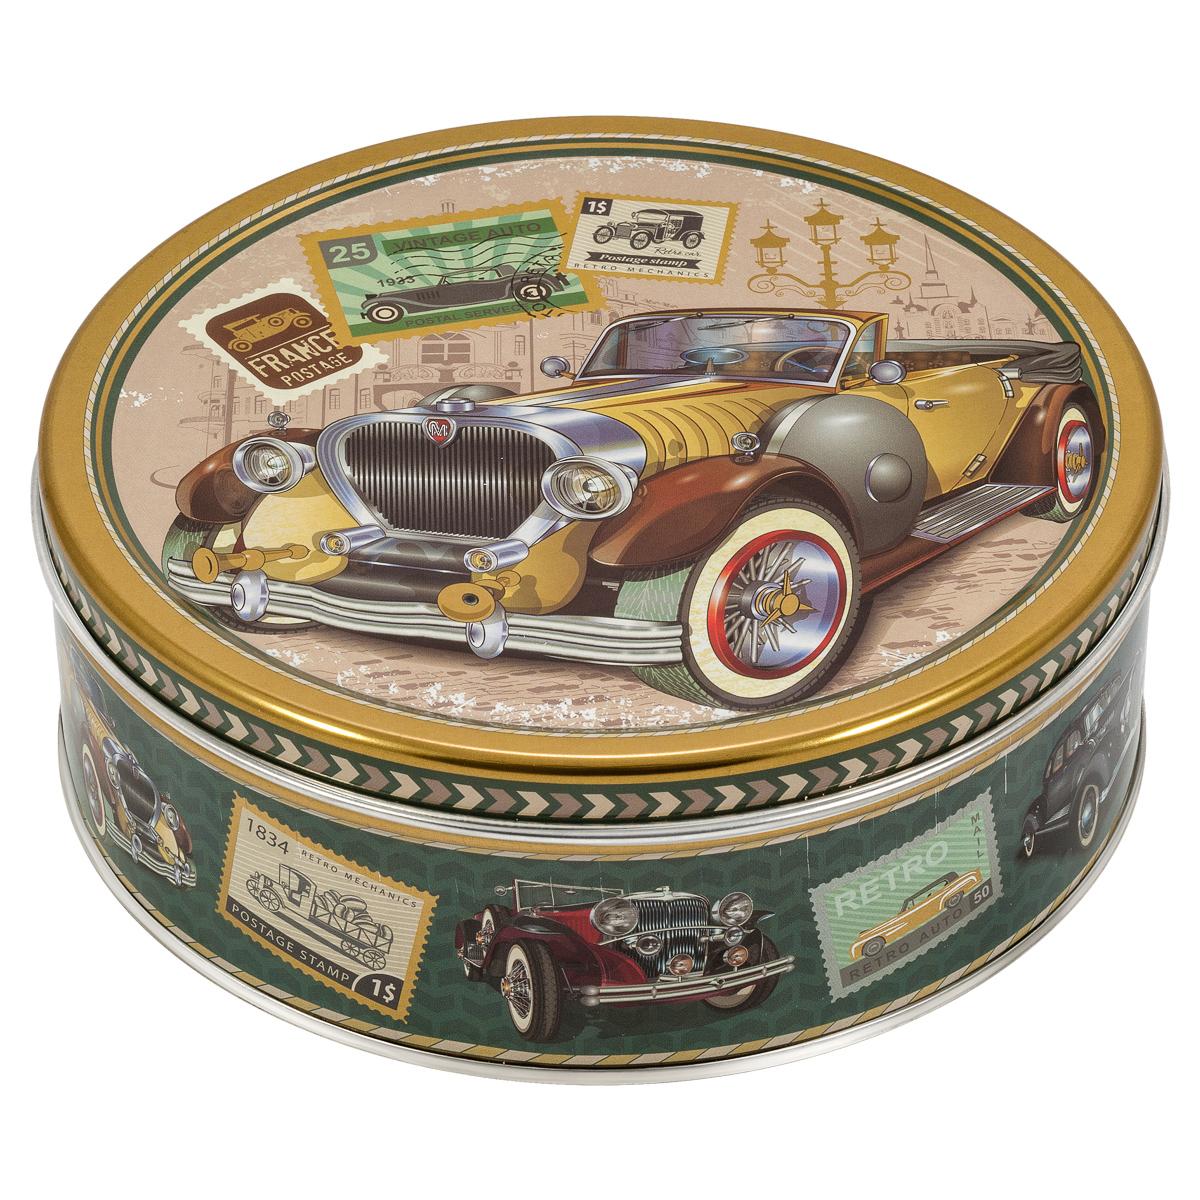 Monte Christo Ретромобиль. Желтый кабриолет печенье со сливочным маслом, 400 г сладкая сказка печенье дед мороз и снегурочка 400 г